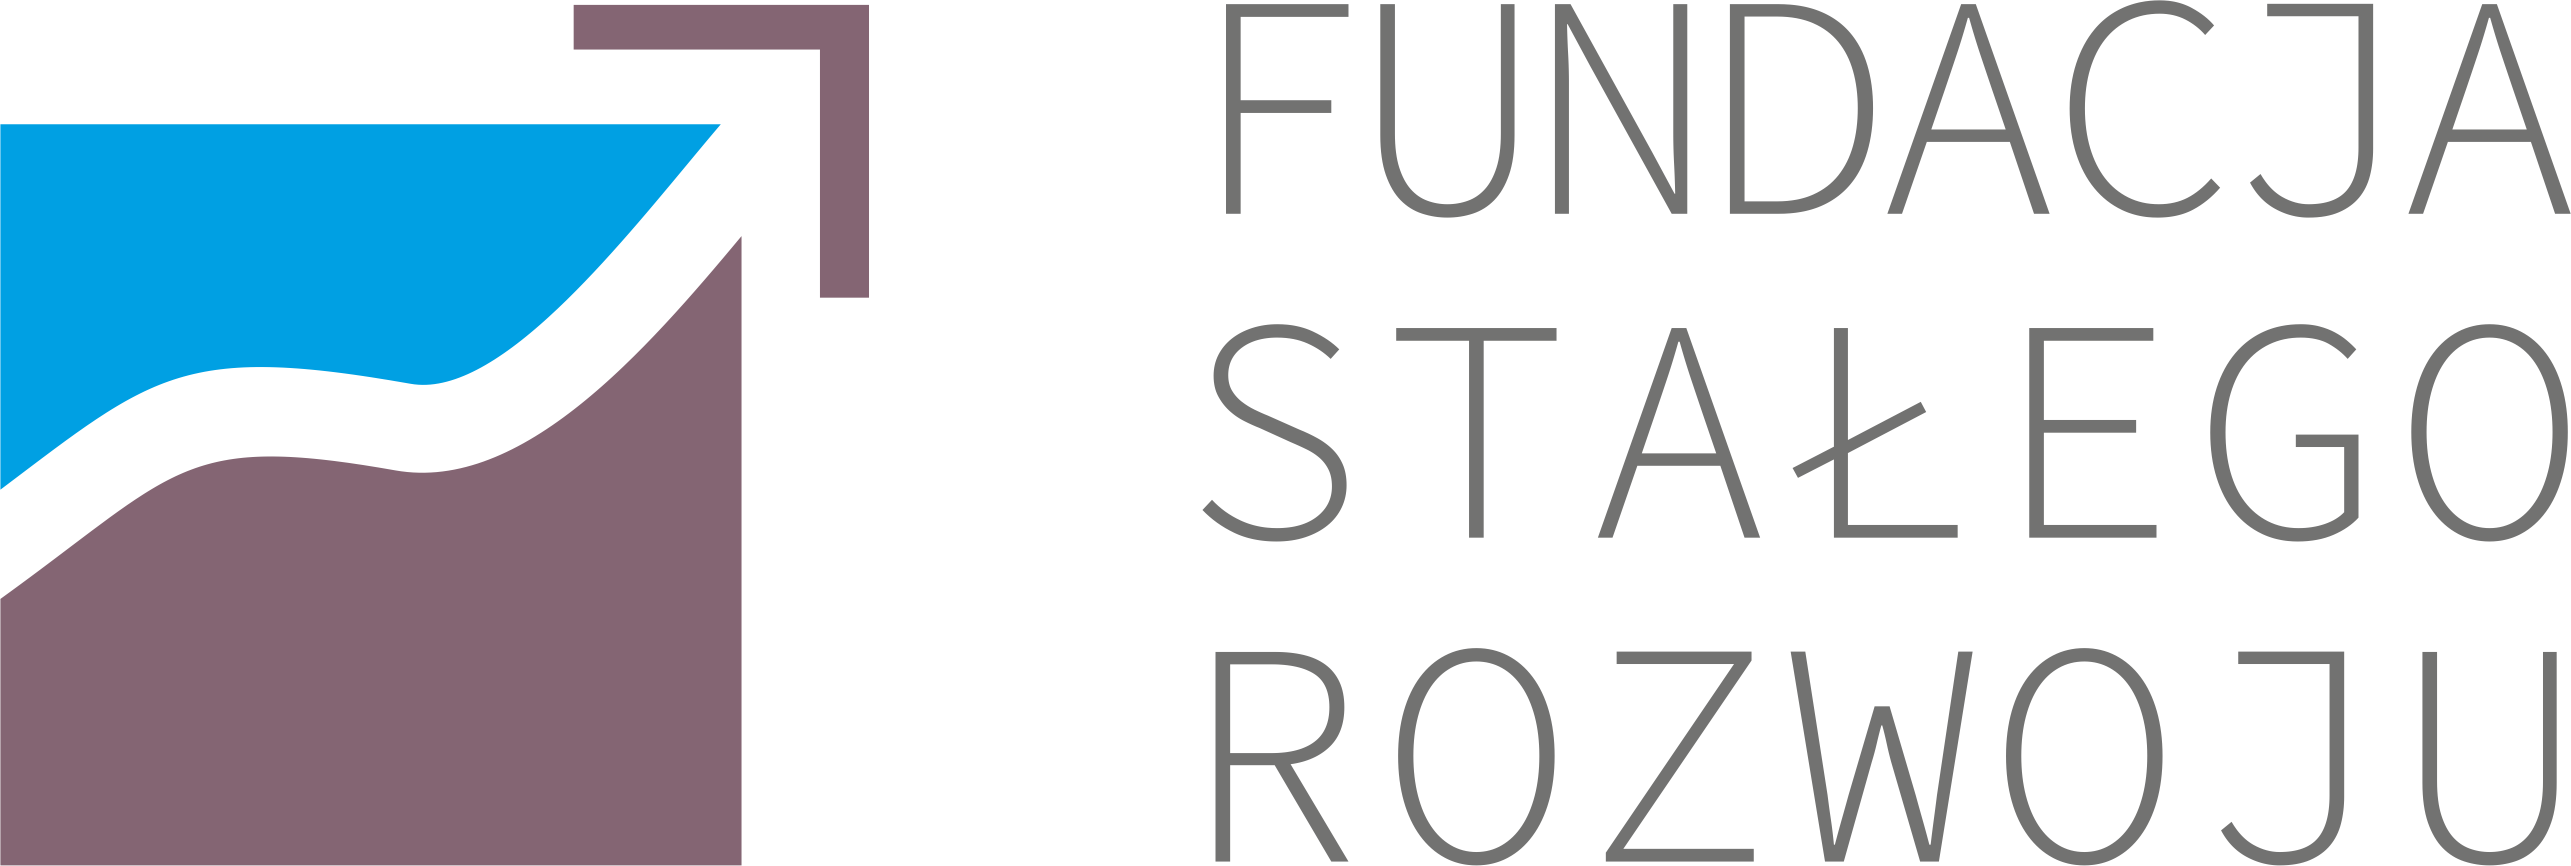 Fundacja Stałego Rozwoju